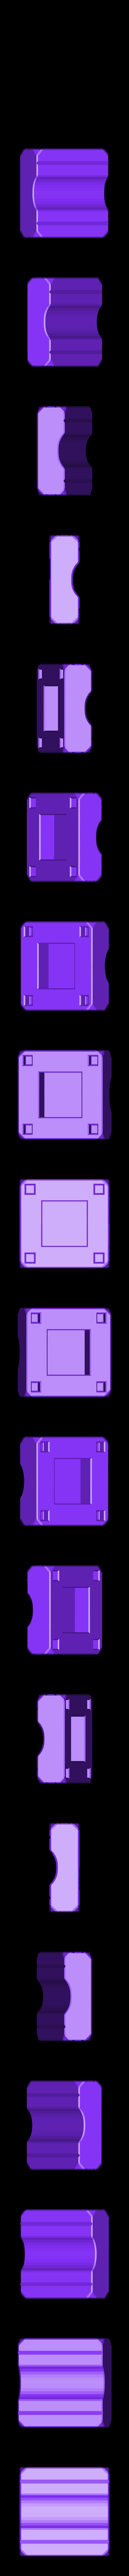 MarbleRunBlocks-WoodenBridge.stl Download STL file Marble Run Blocks - Medieval Castle pack • 3D printable template, Wabby